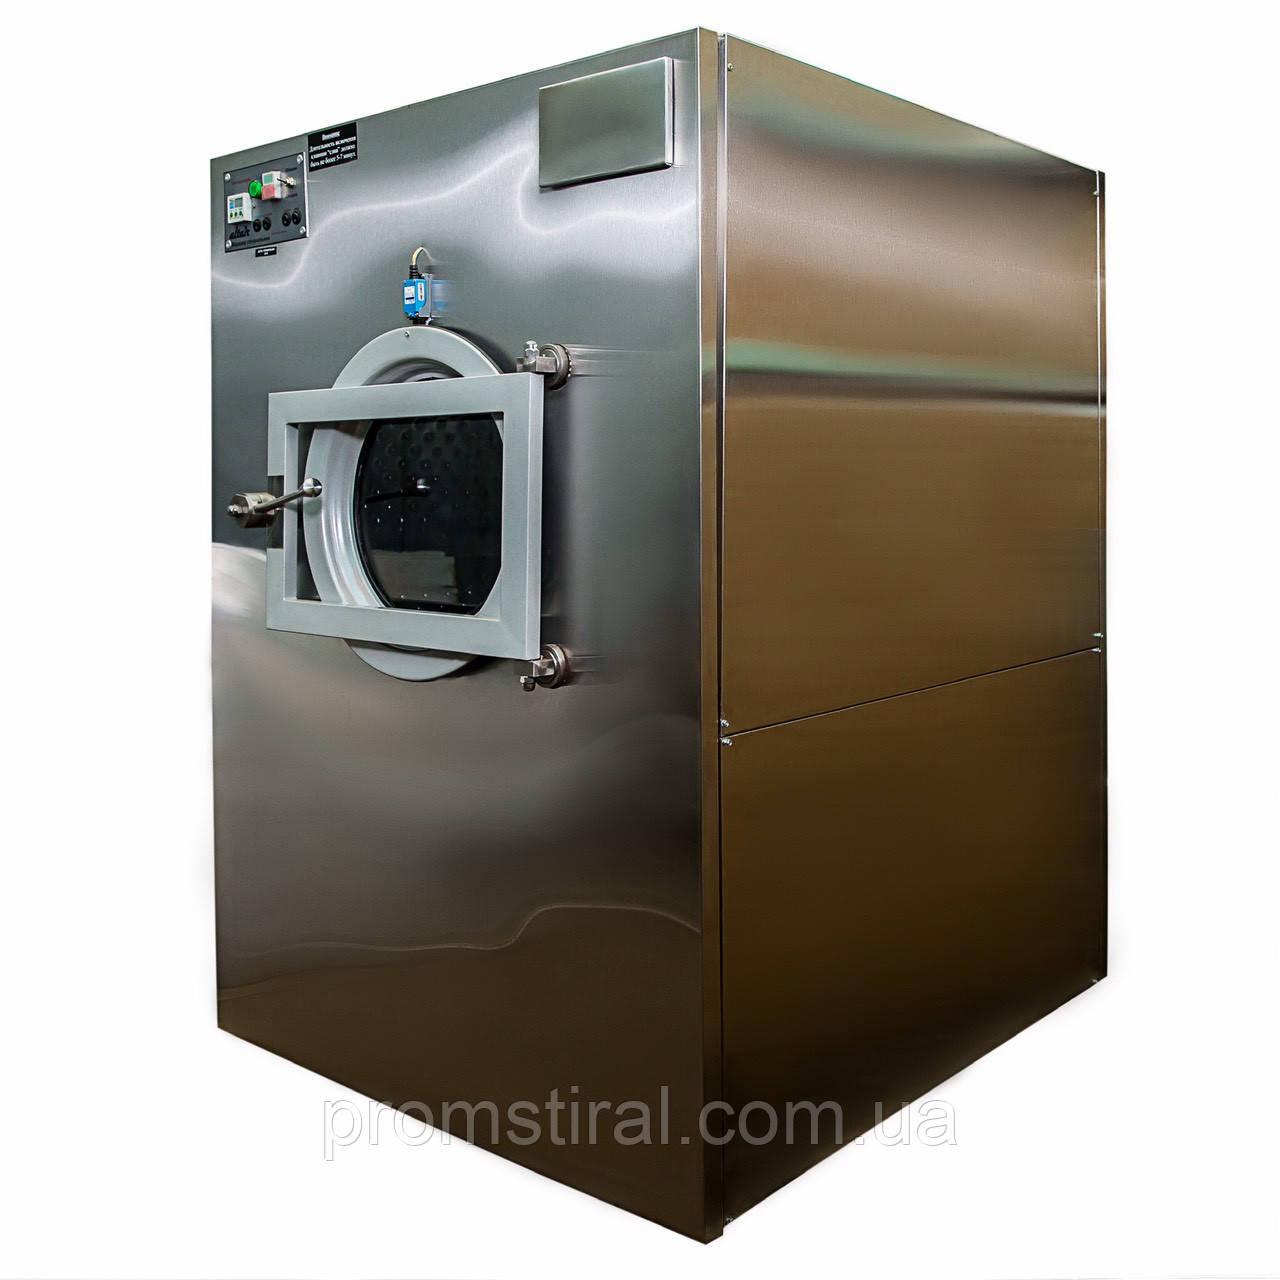 Промышленная стиральная машина СМ-А-25ЭОП (н/ж, с отжимом, электрическим и паровым видом обогрева)